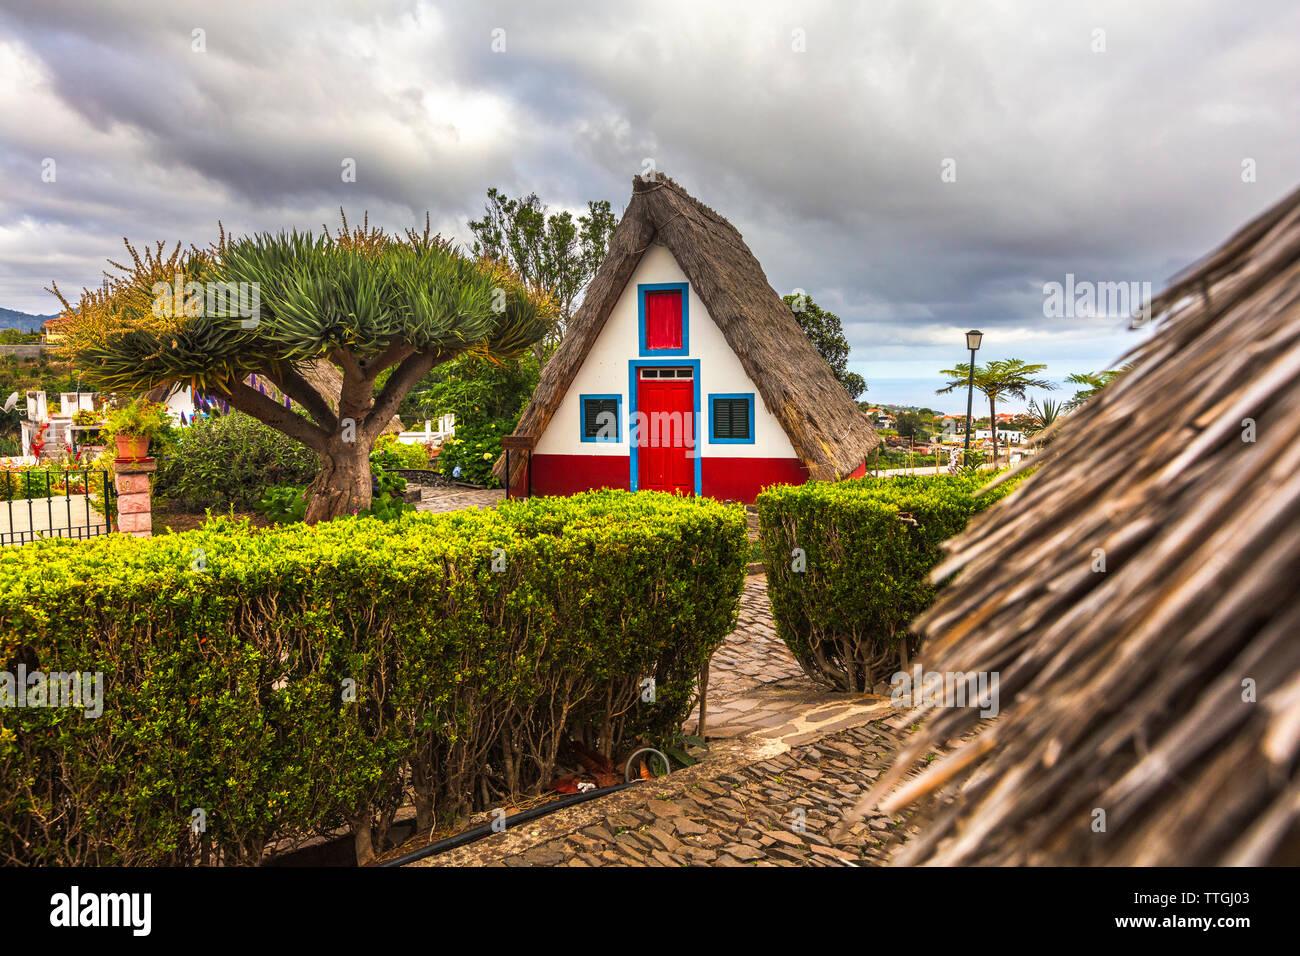 Santana Houses - Stock Image